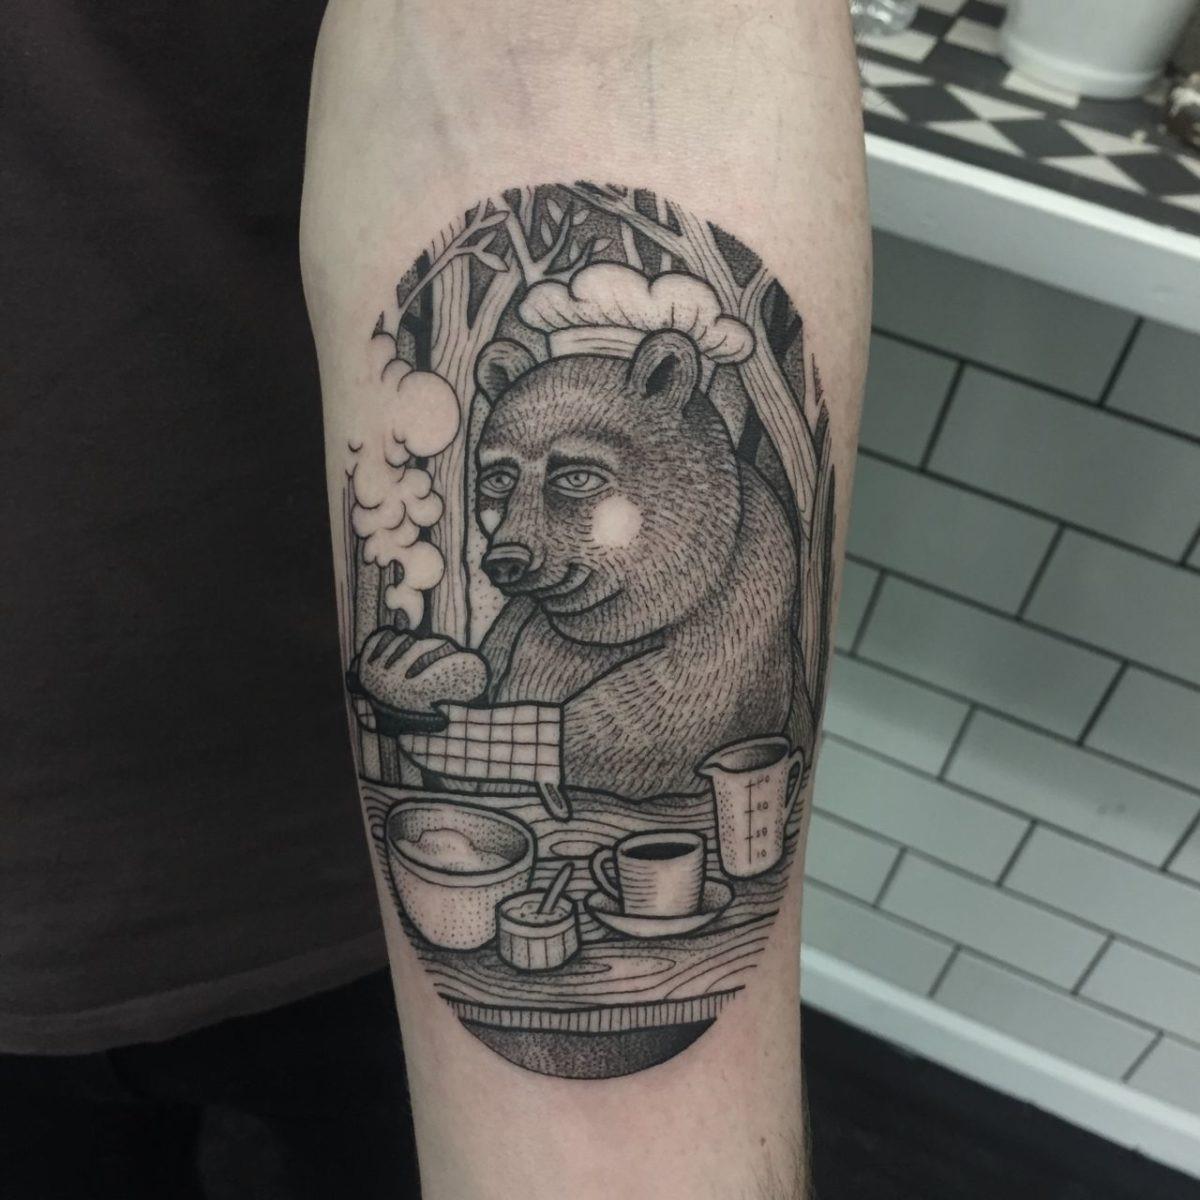 Dans la tradition japonaise, le symbolisme des ours et donc le tatouage ours représente la sagesse, le stoïcisme, la patience, la force et la bienveillance.